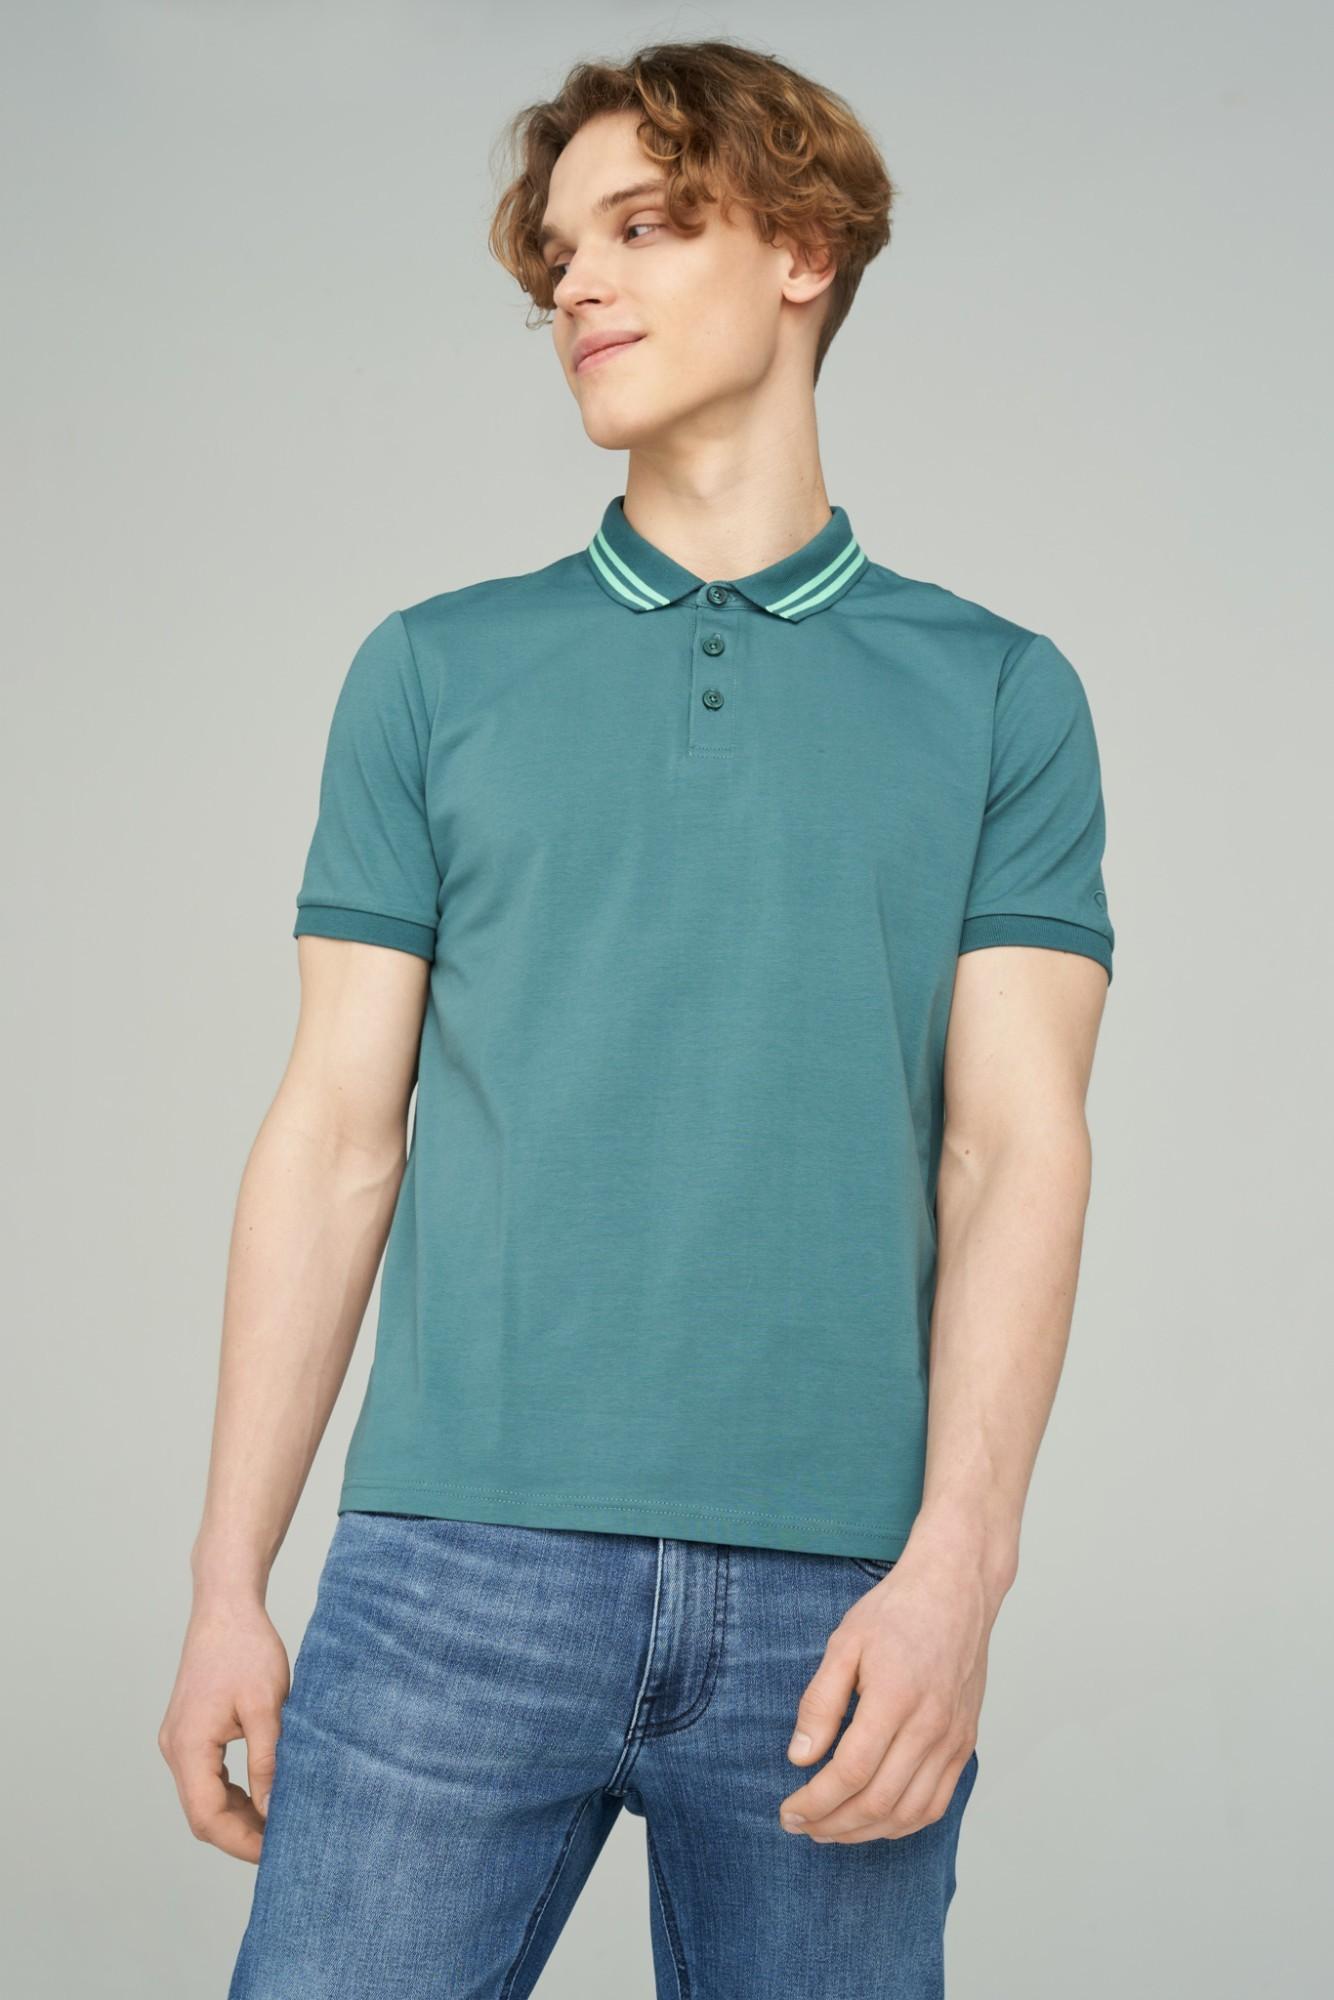 AUDIMAS Tamprūs medvil. polo marškinėliai 2111-479 Mallard Green M